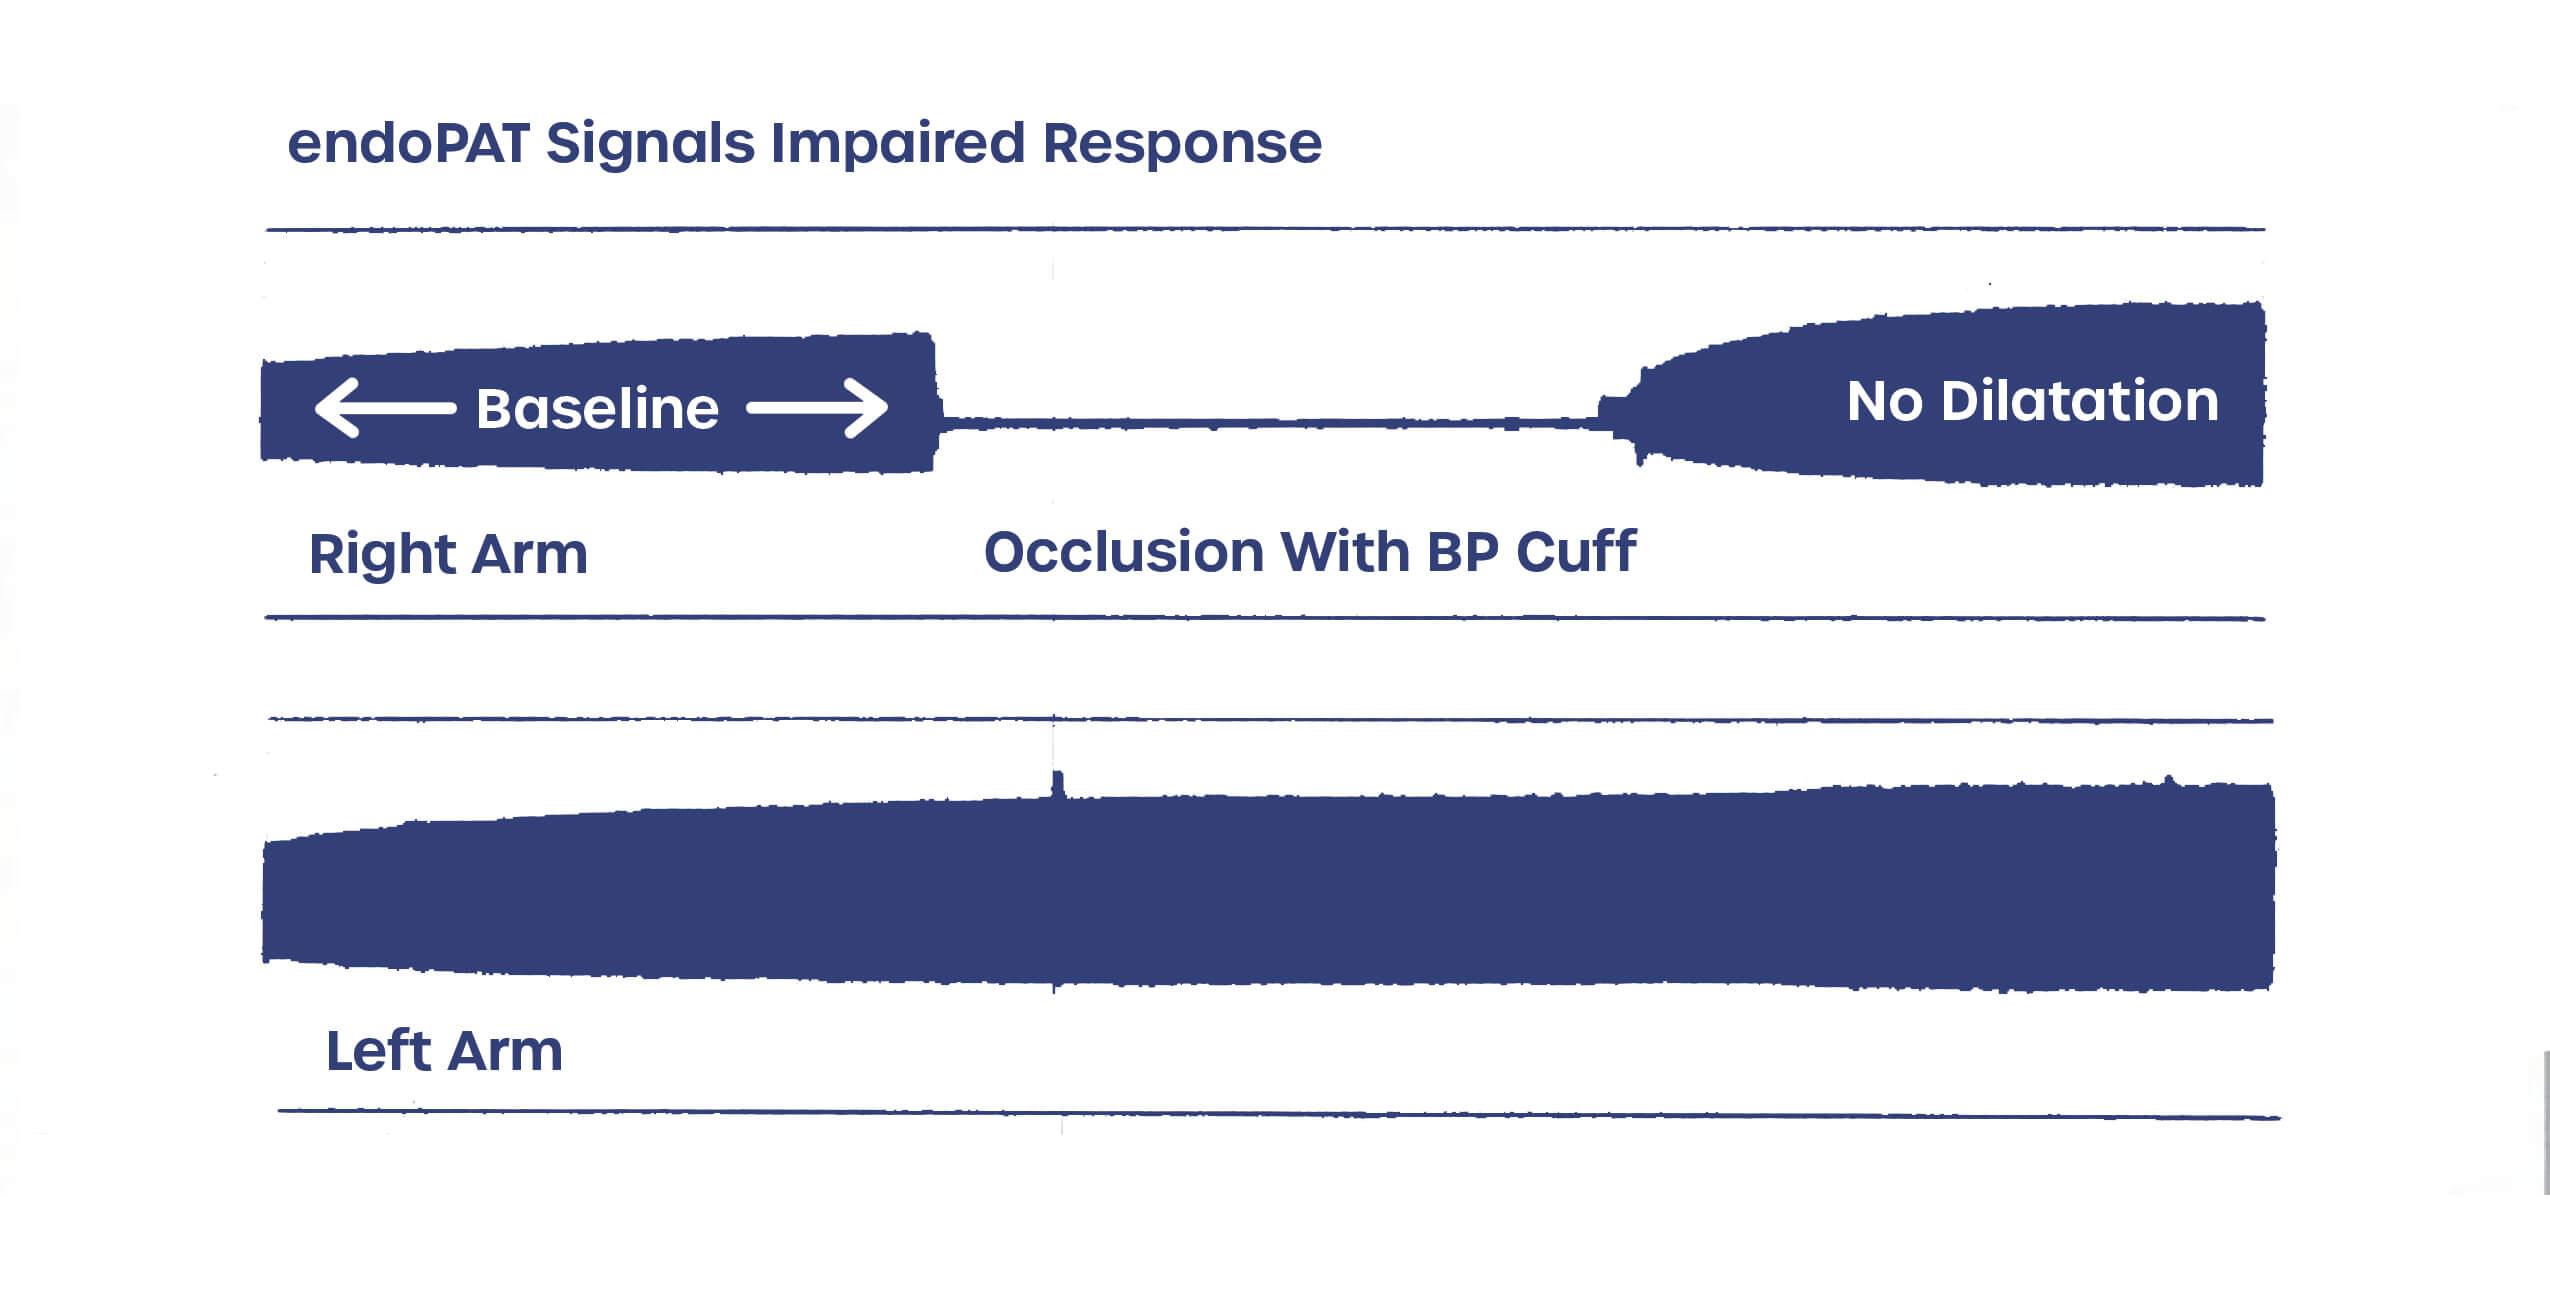 EndoPAT signals impaired response